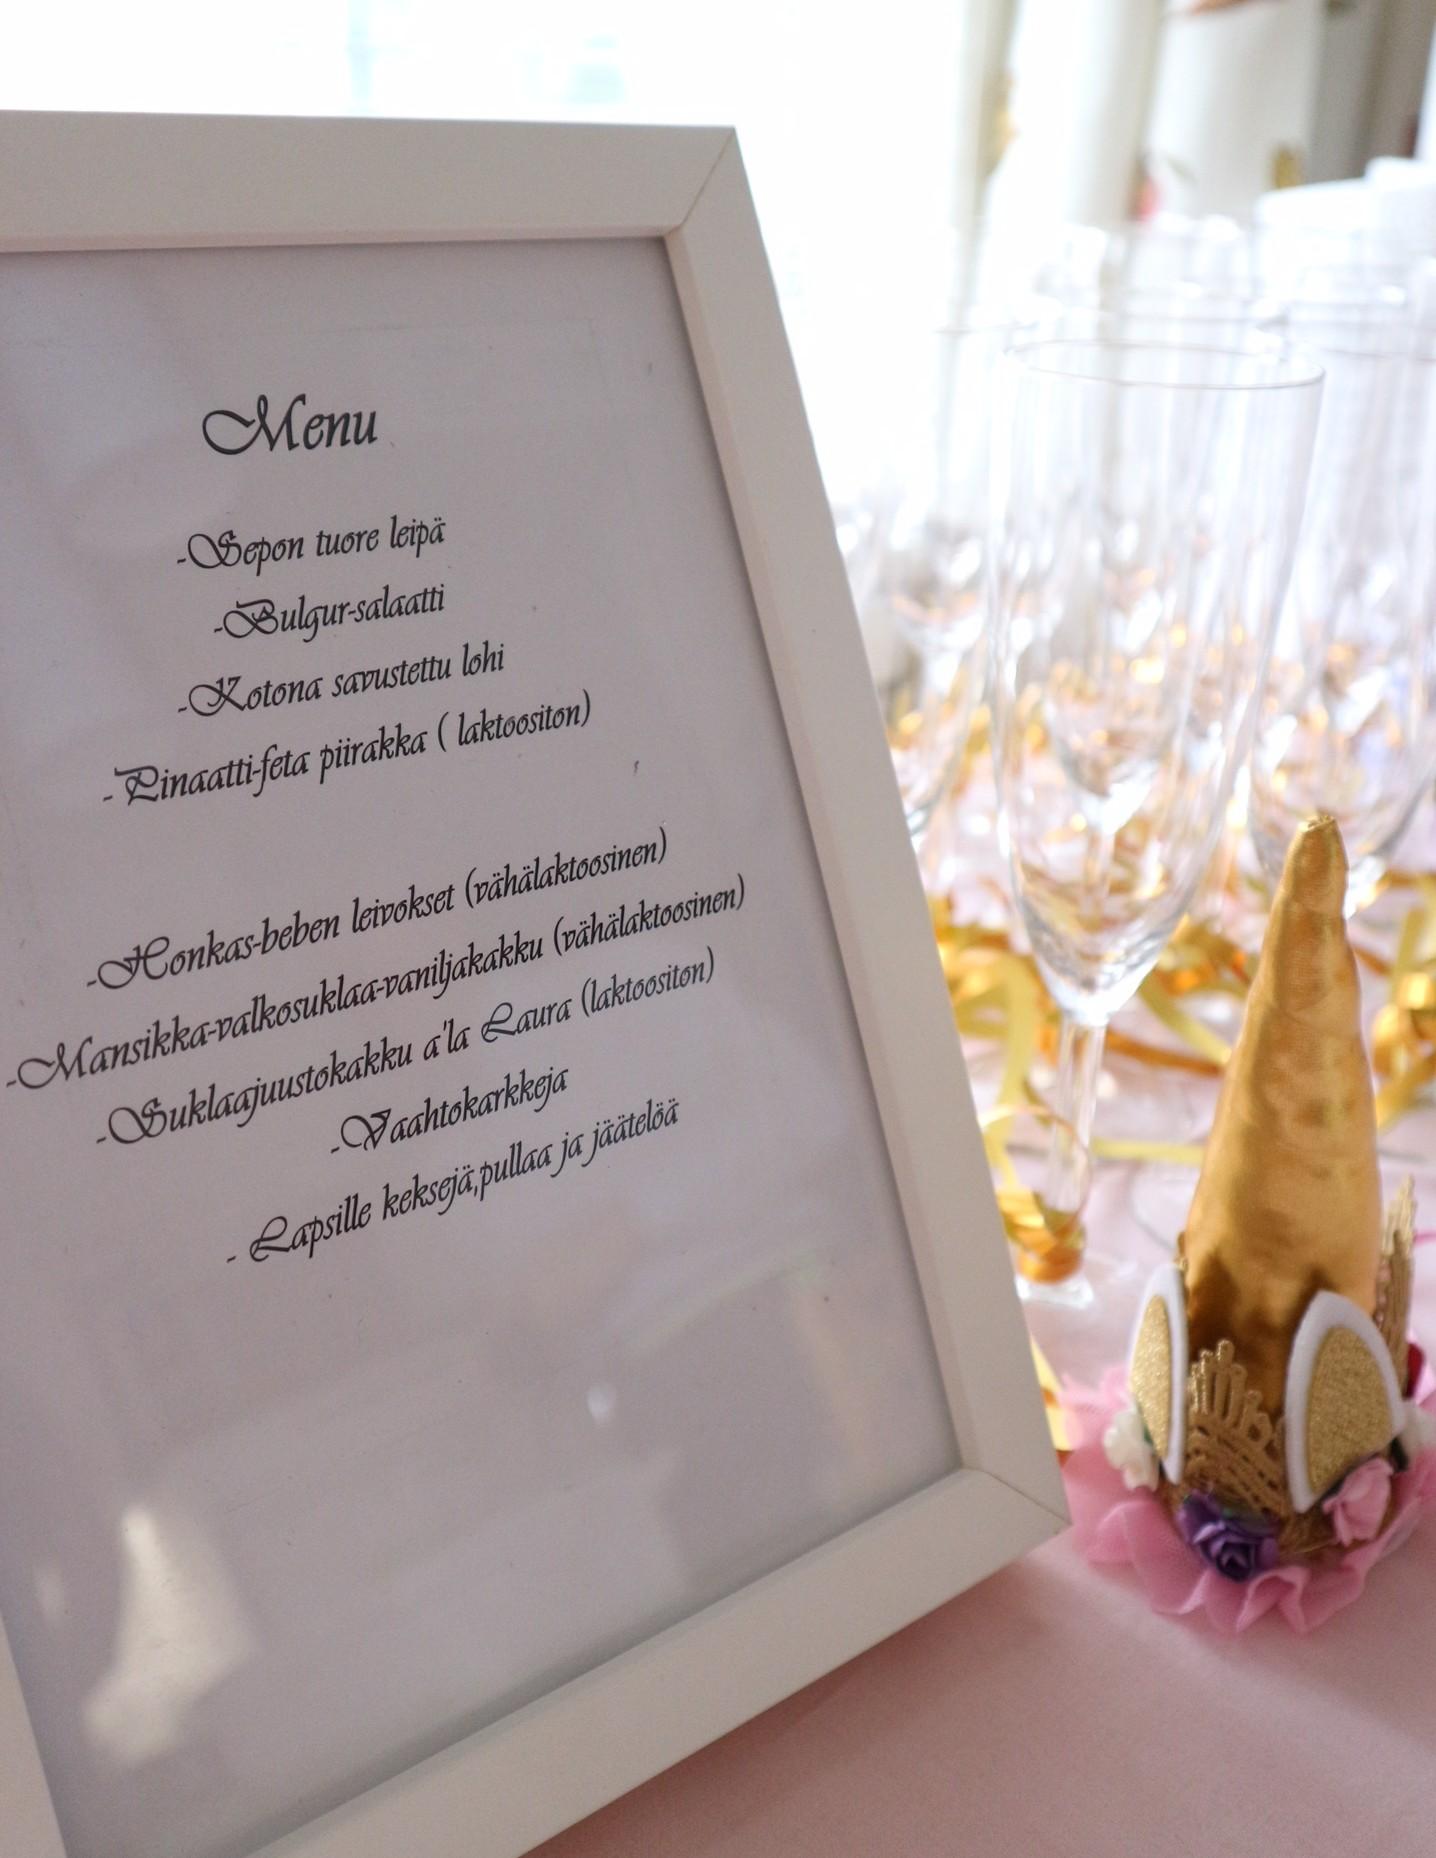 nimiäisjuhla menu